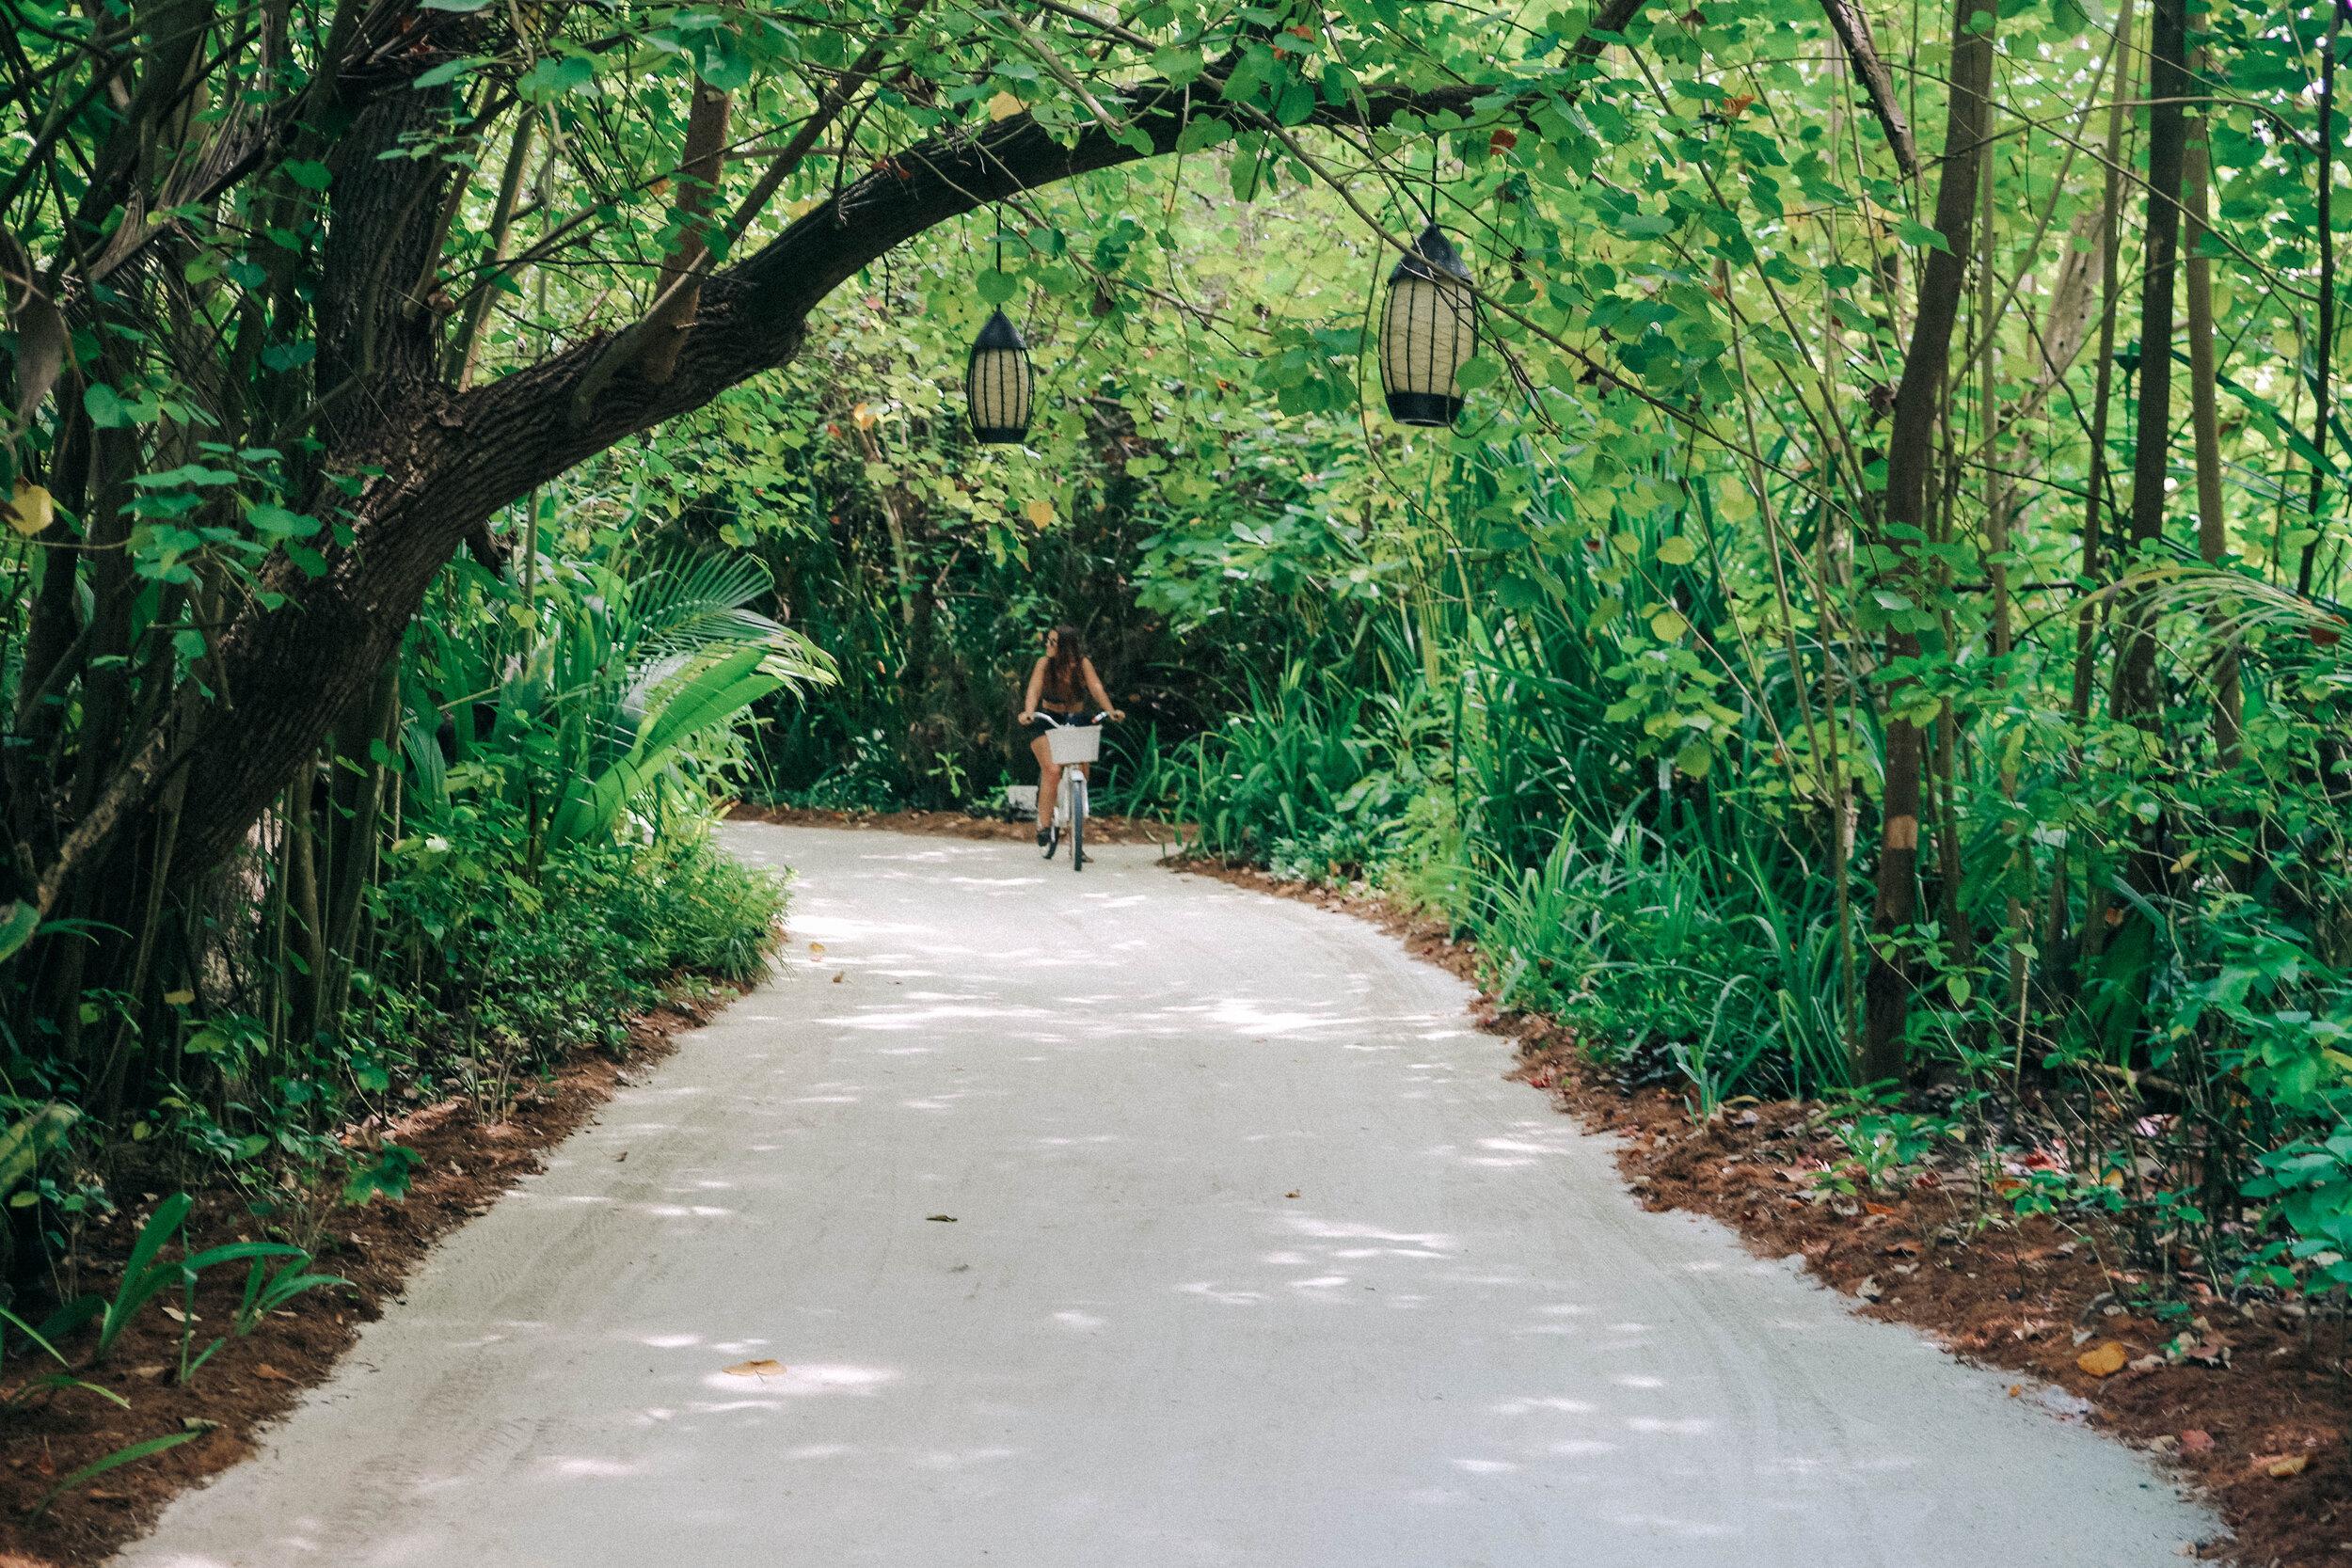 Maldives fitness retreats, Niyama resort